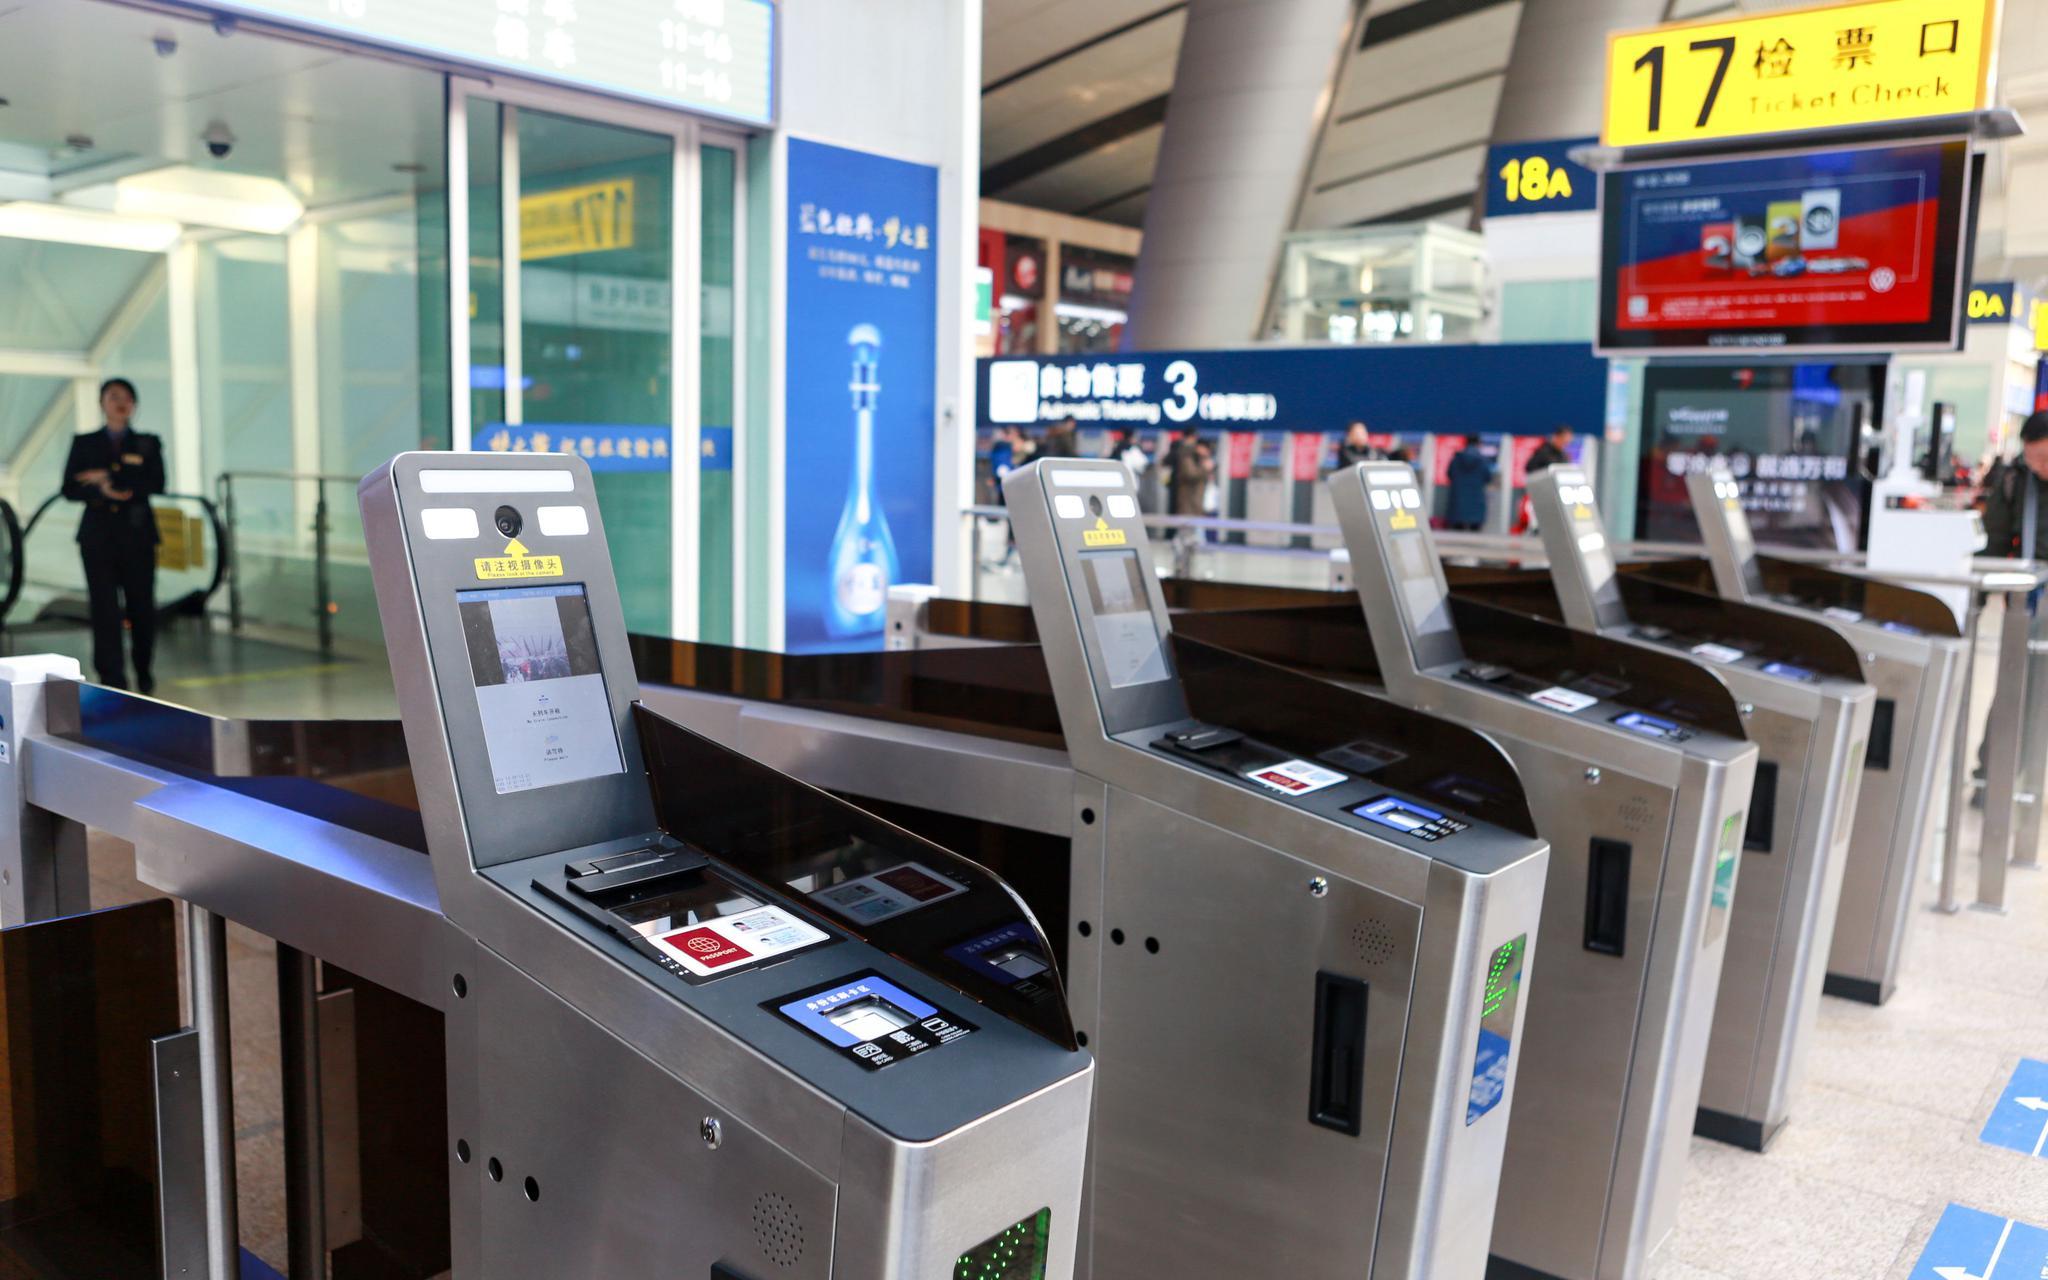 北京南站实名制检票闸机换新 电子客票识别速度更快图片